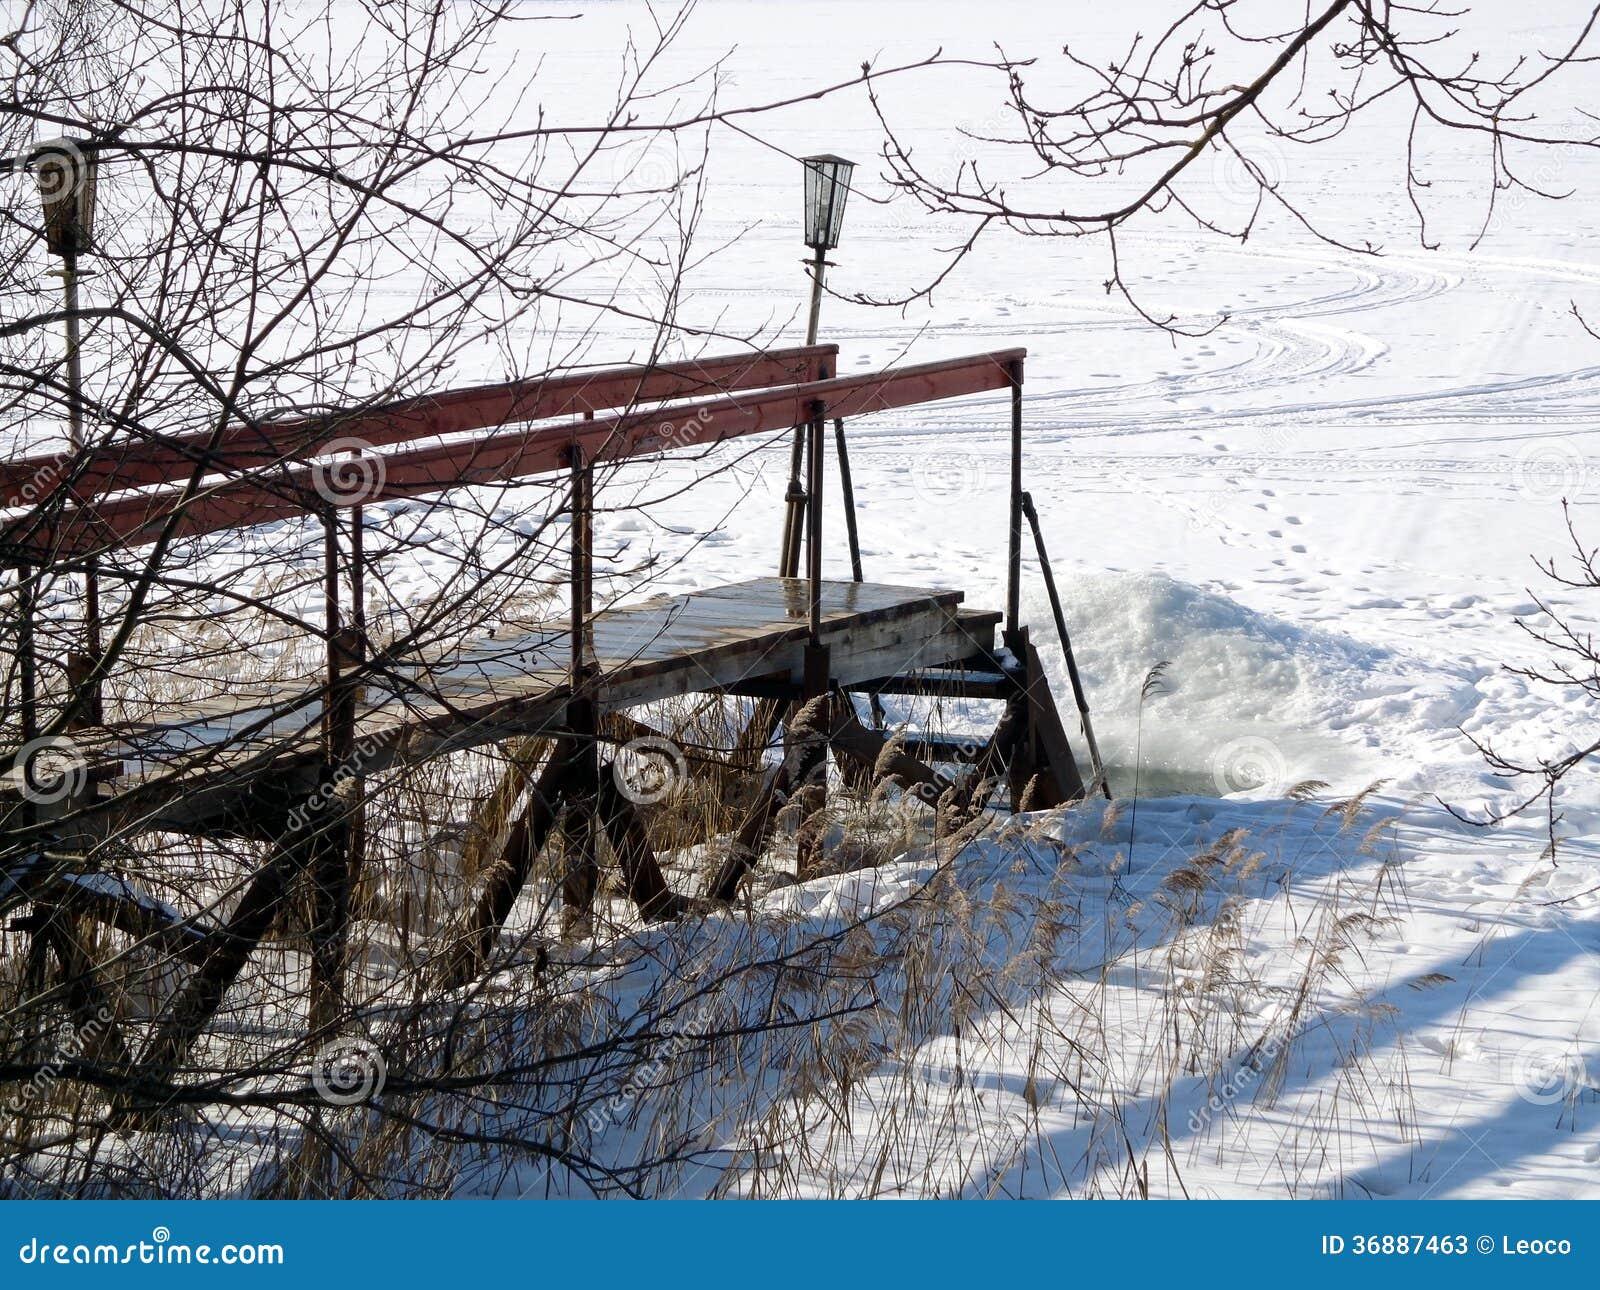 Download Passerella immagine stock. Immagine di lago, congelato - 36887463